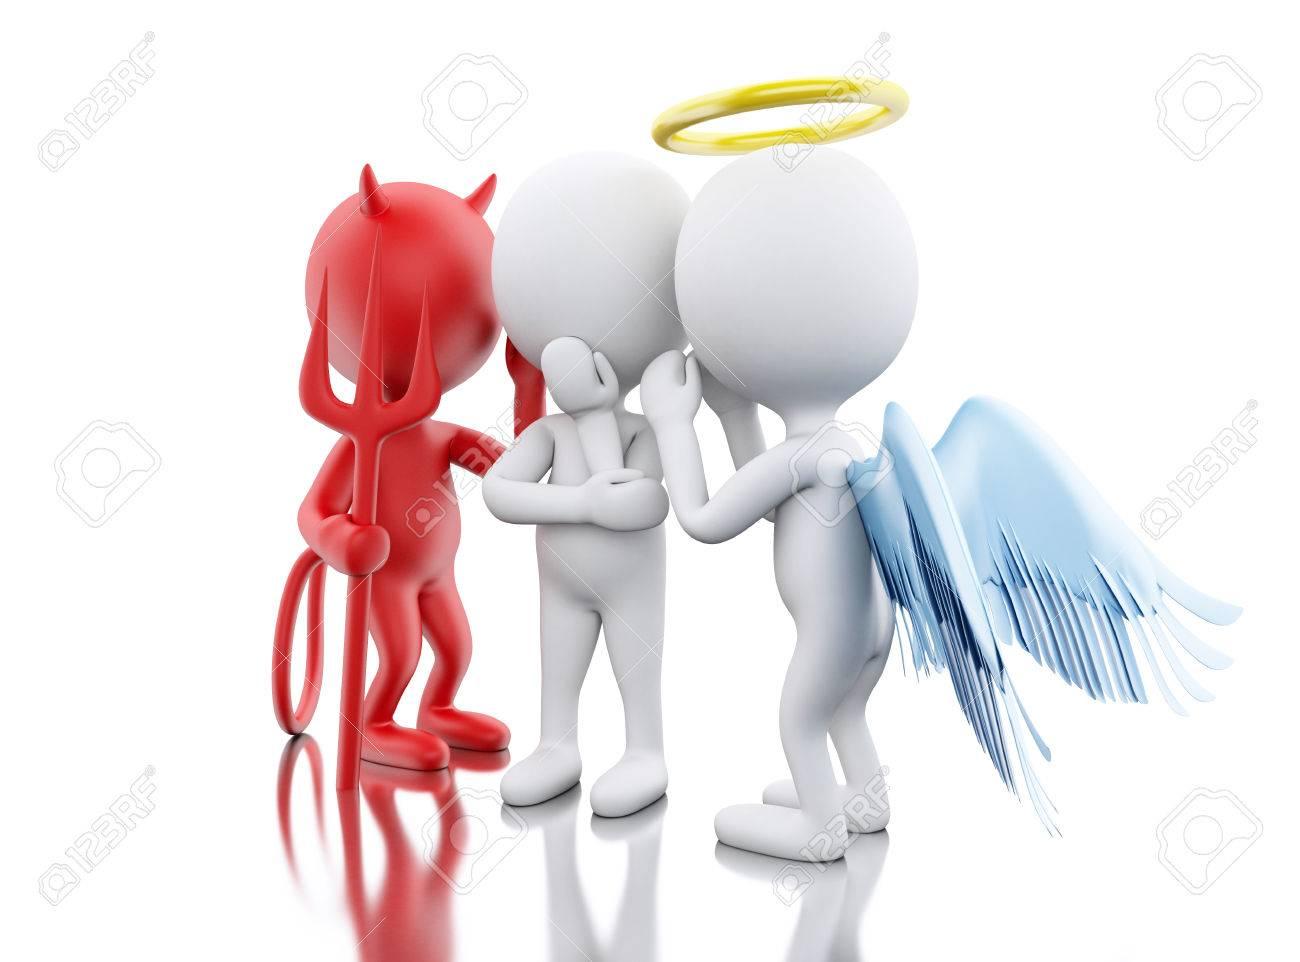 3d Illustratie Witte Mensen Contemplation Een Besluit Met Engel En Duivel Geïsoleerde Witte Achtergrond